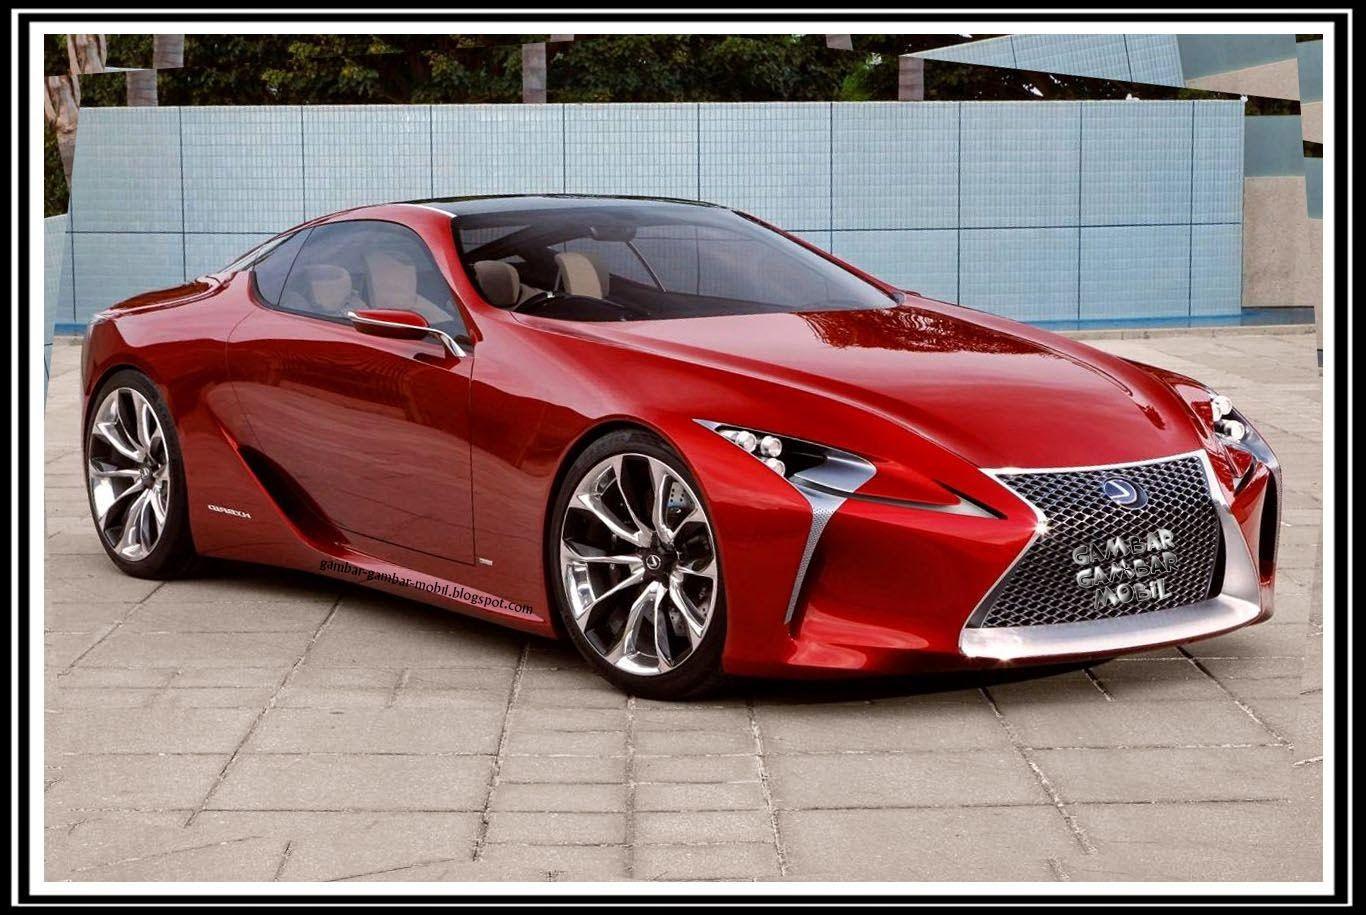 Modifikasi Mobil Lexus Sport Modifikasi Mobil Mobil Kendaraan